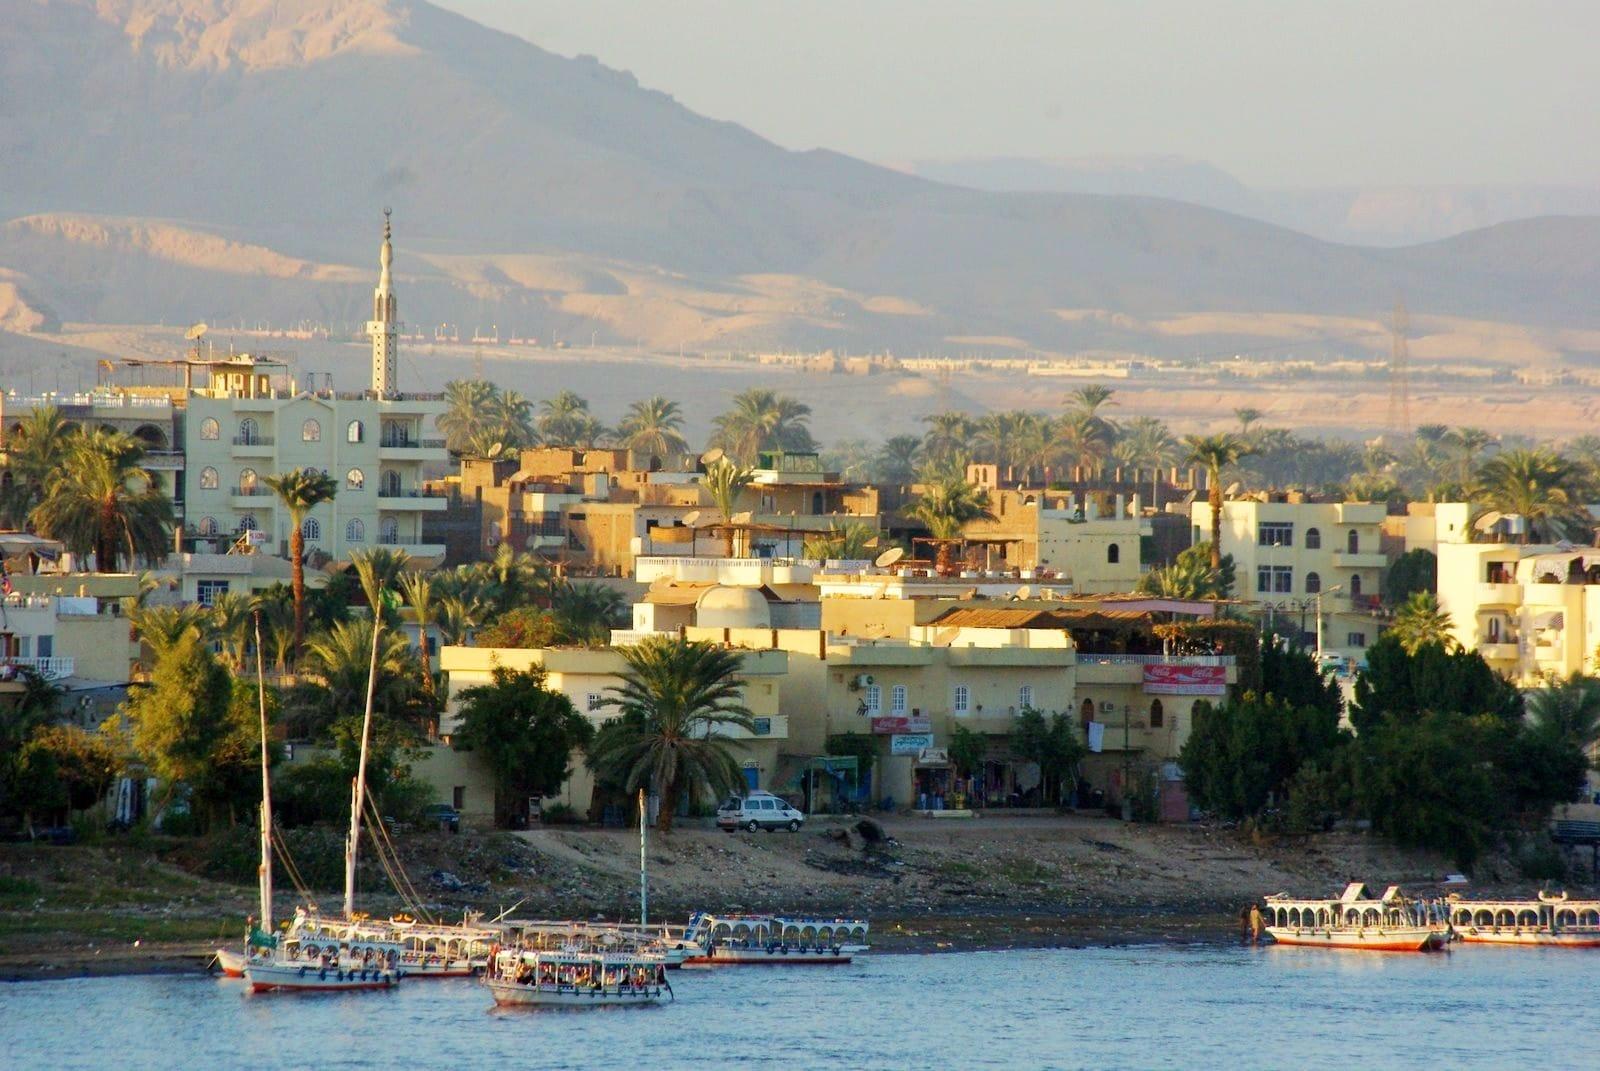 Croisière en felouque sur le Nil - J 3